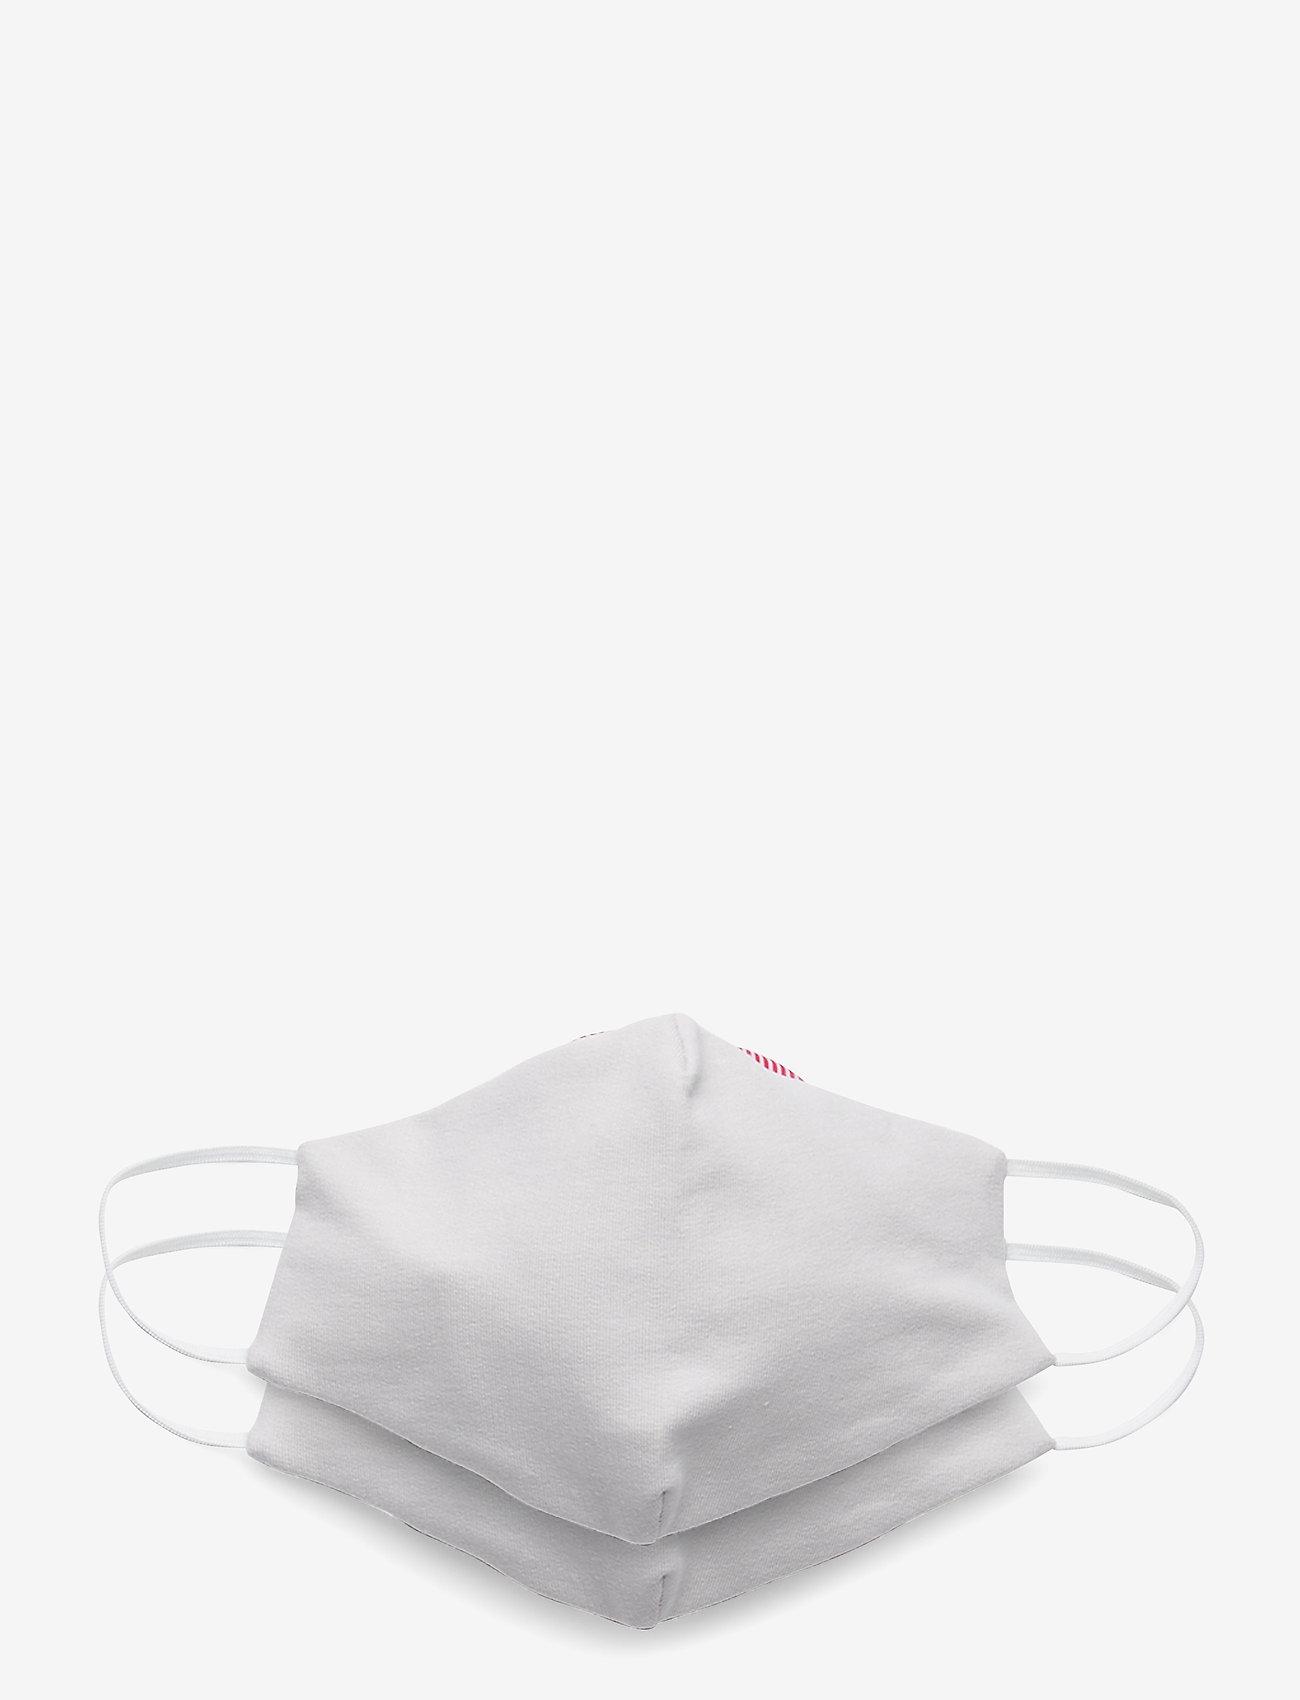 ORAS24 - Reusable face mask,2 pack, Kids 2-13 - ansiktsmasker - light grey - 0